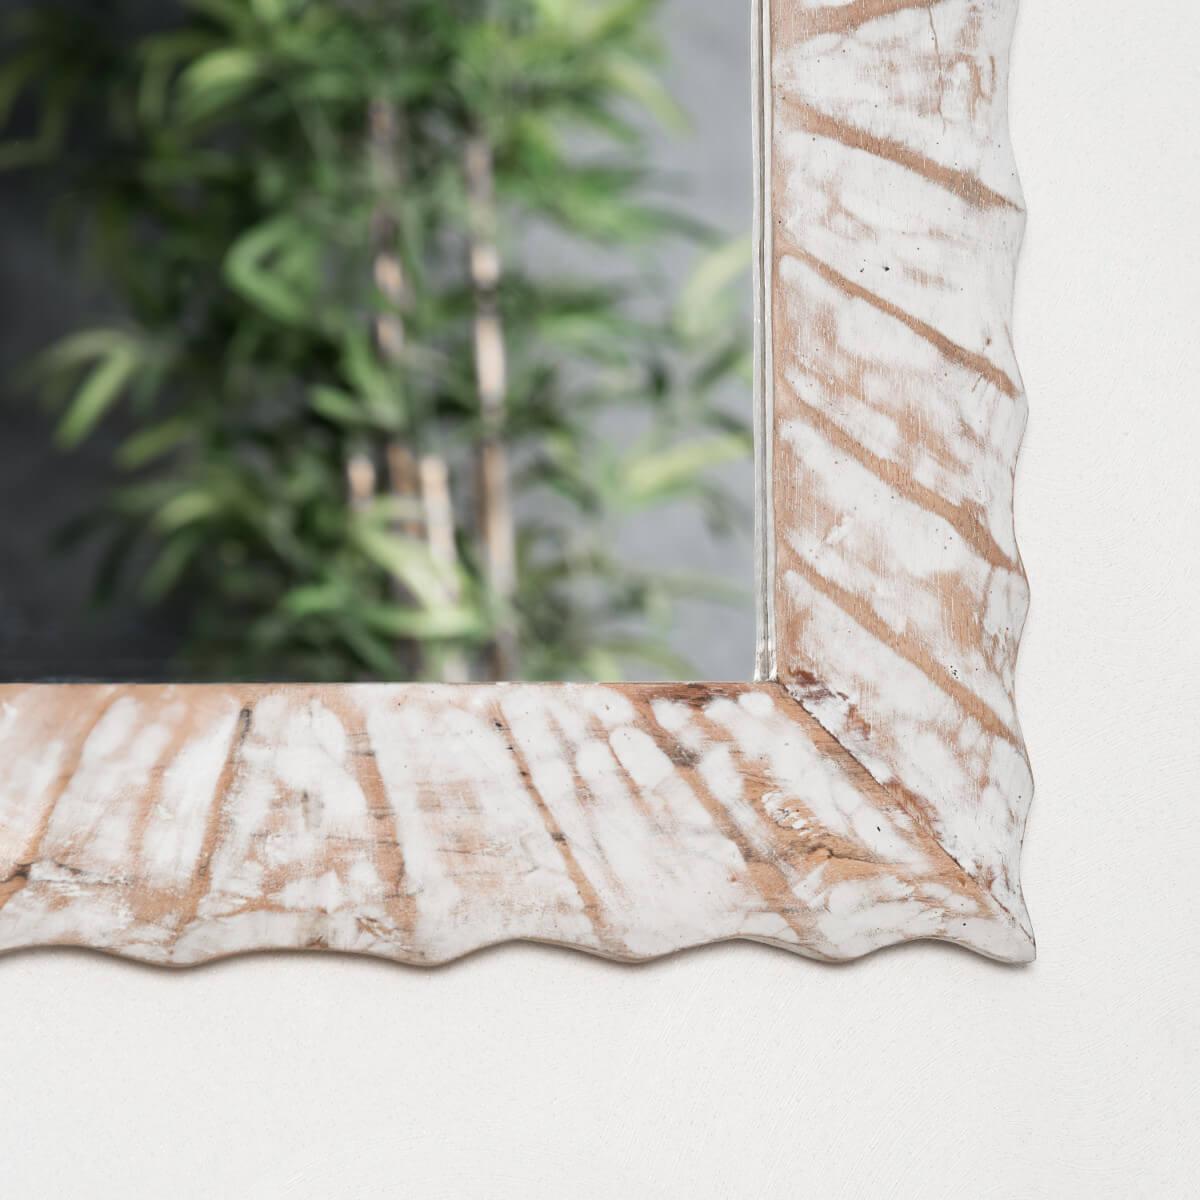 Miroir de d coration en bois massif alicante for Miroir horizontal blanc